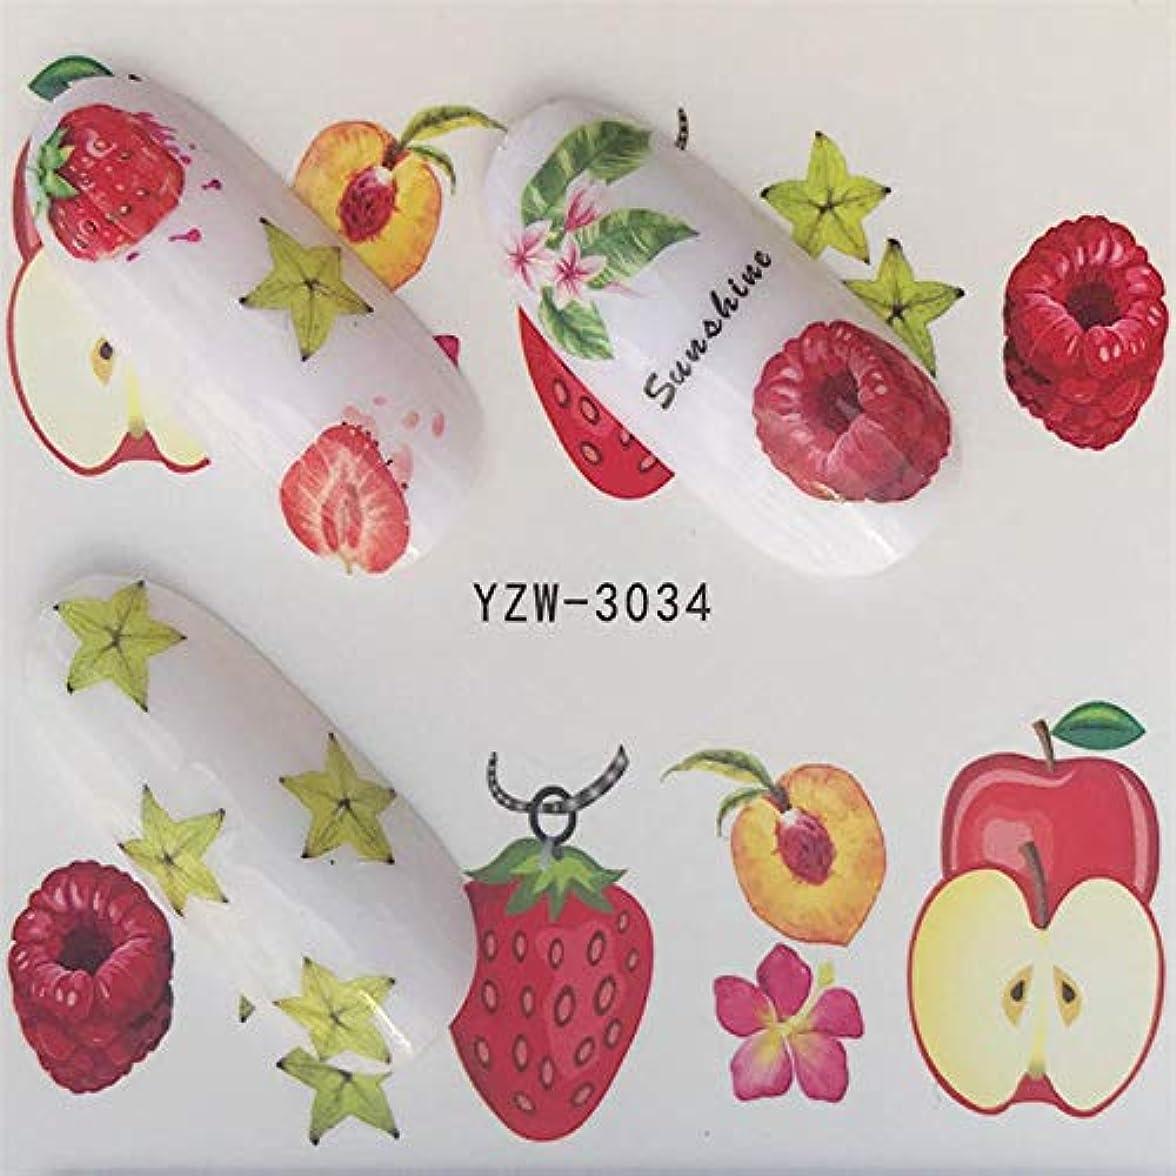 シェアアウトドア育成SUKTI&XIAO ネイルステッカー 1ピース漫画フラミンゴ/花/果物水転写ステッカーネイルアートデカールラップヒントマニキュアツール、Yzw-3034